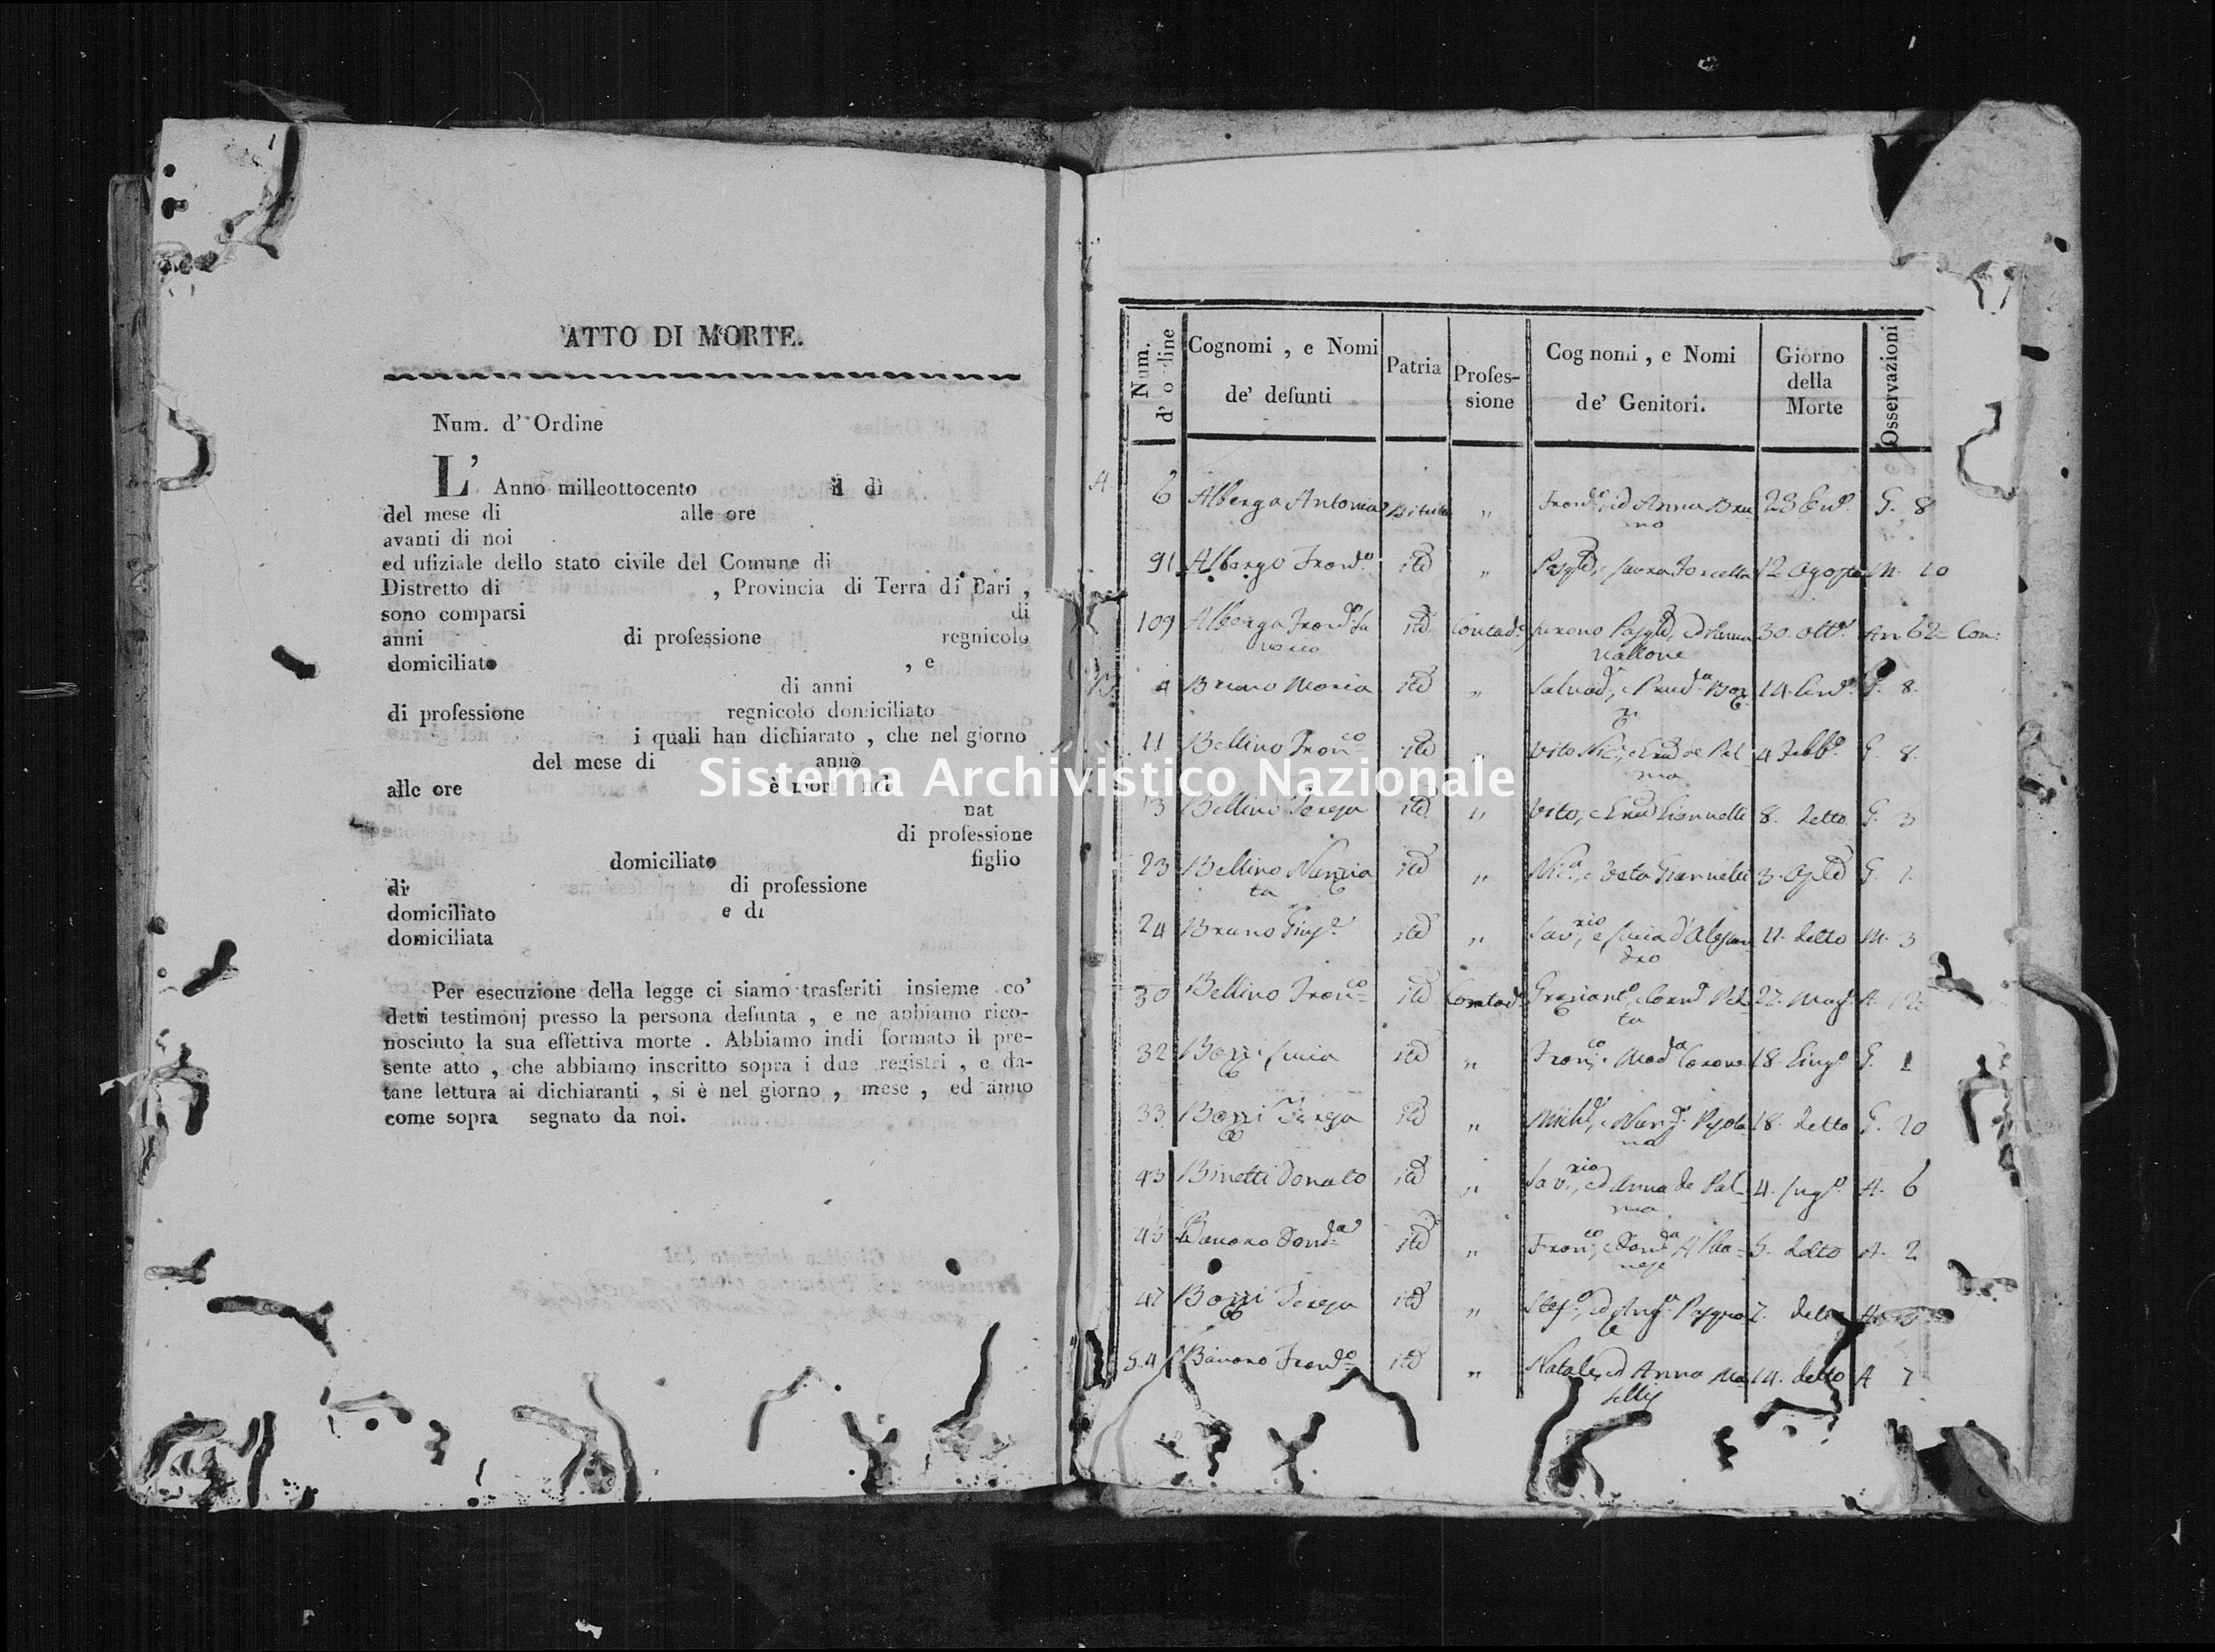 Archivio di stato di Bari - Stato civile della restaurazione - Bitritto - Morti, indice - 1822 -